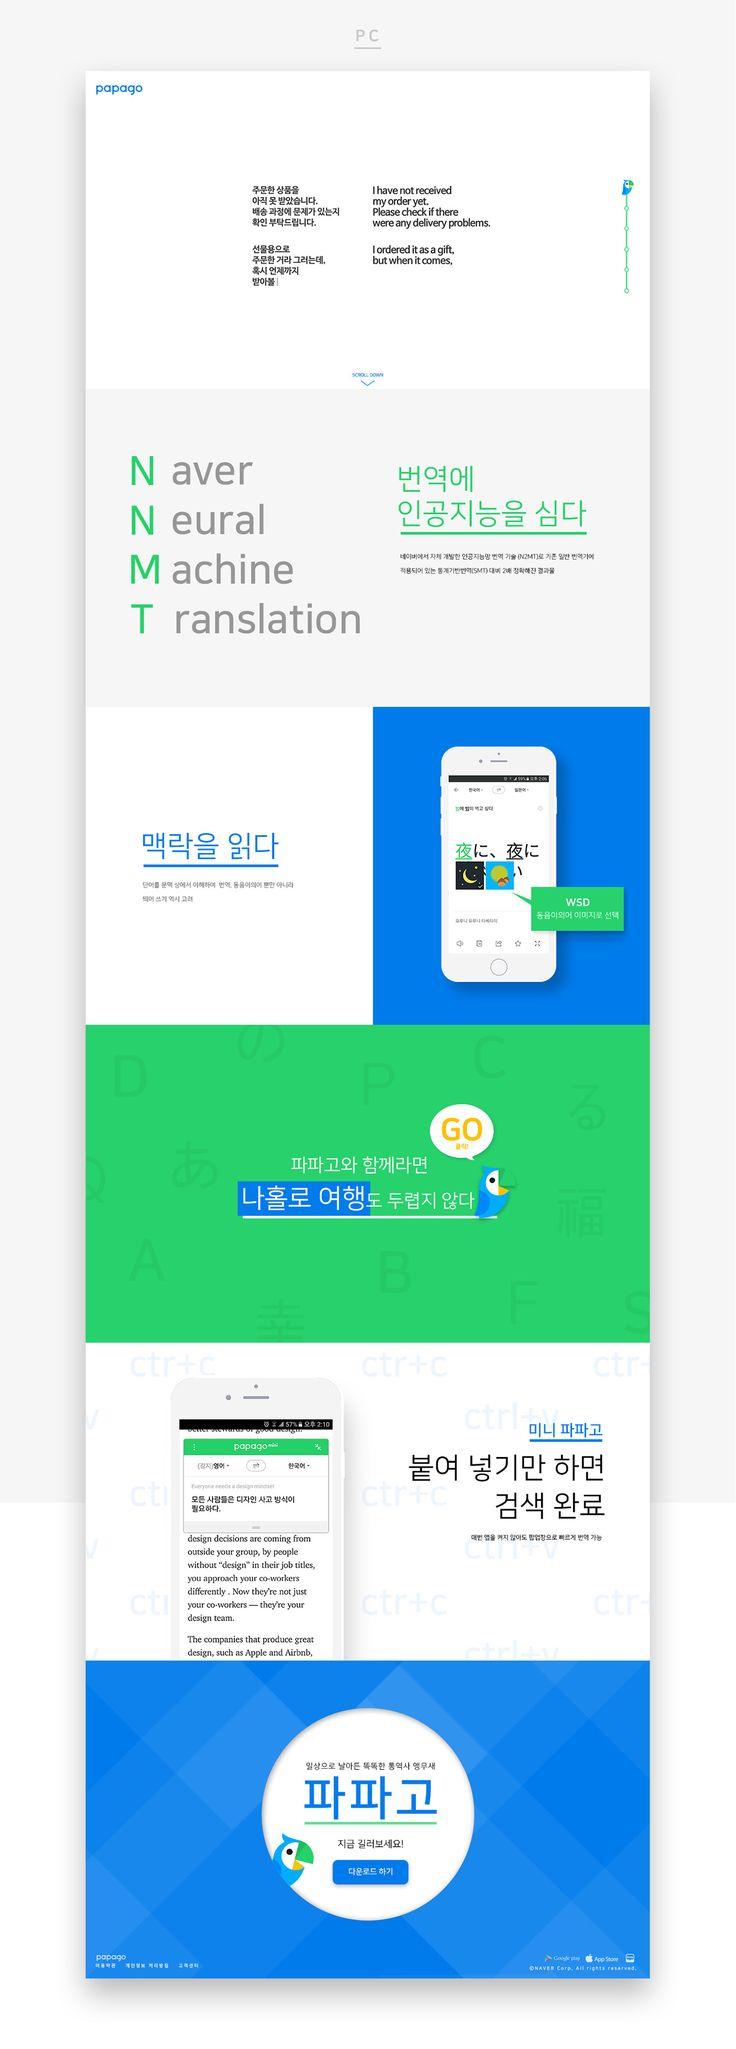 파파고 웹사이트 - UI/UX